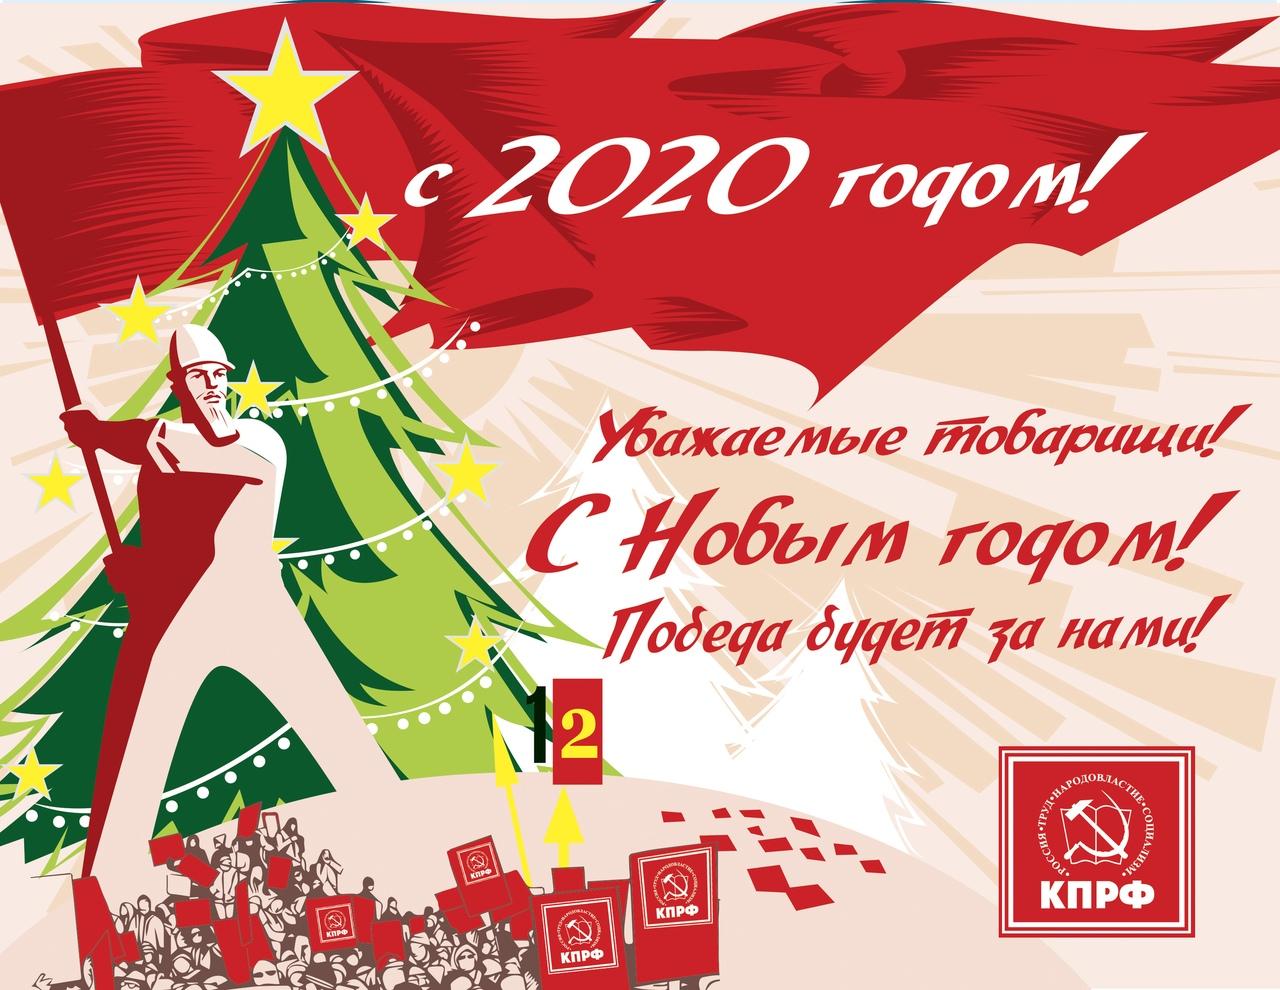 Поздравление с наступающим новым, 2020 годом от Самарского ОК КПРФ